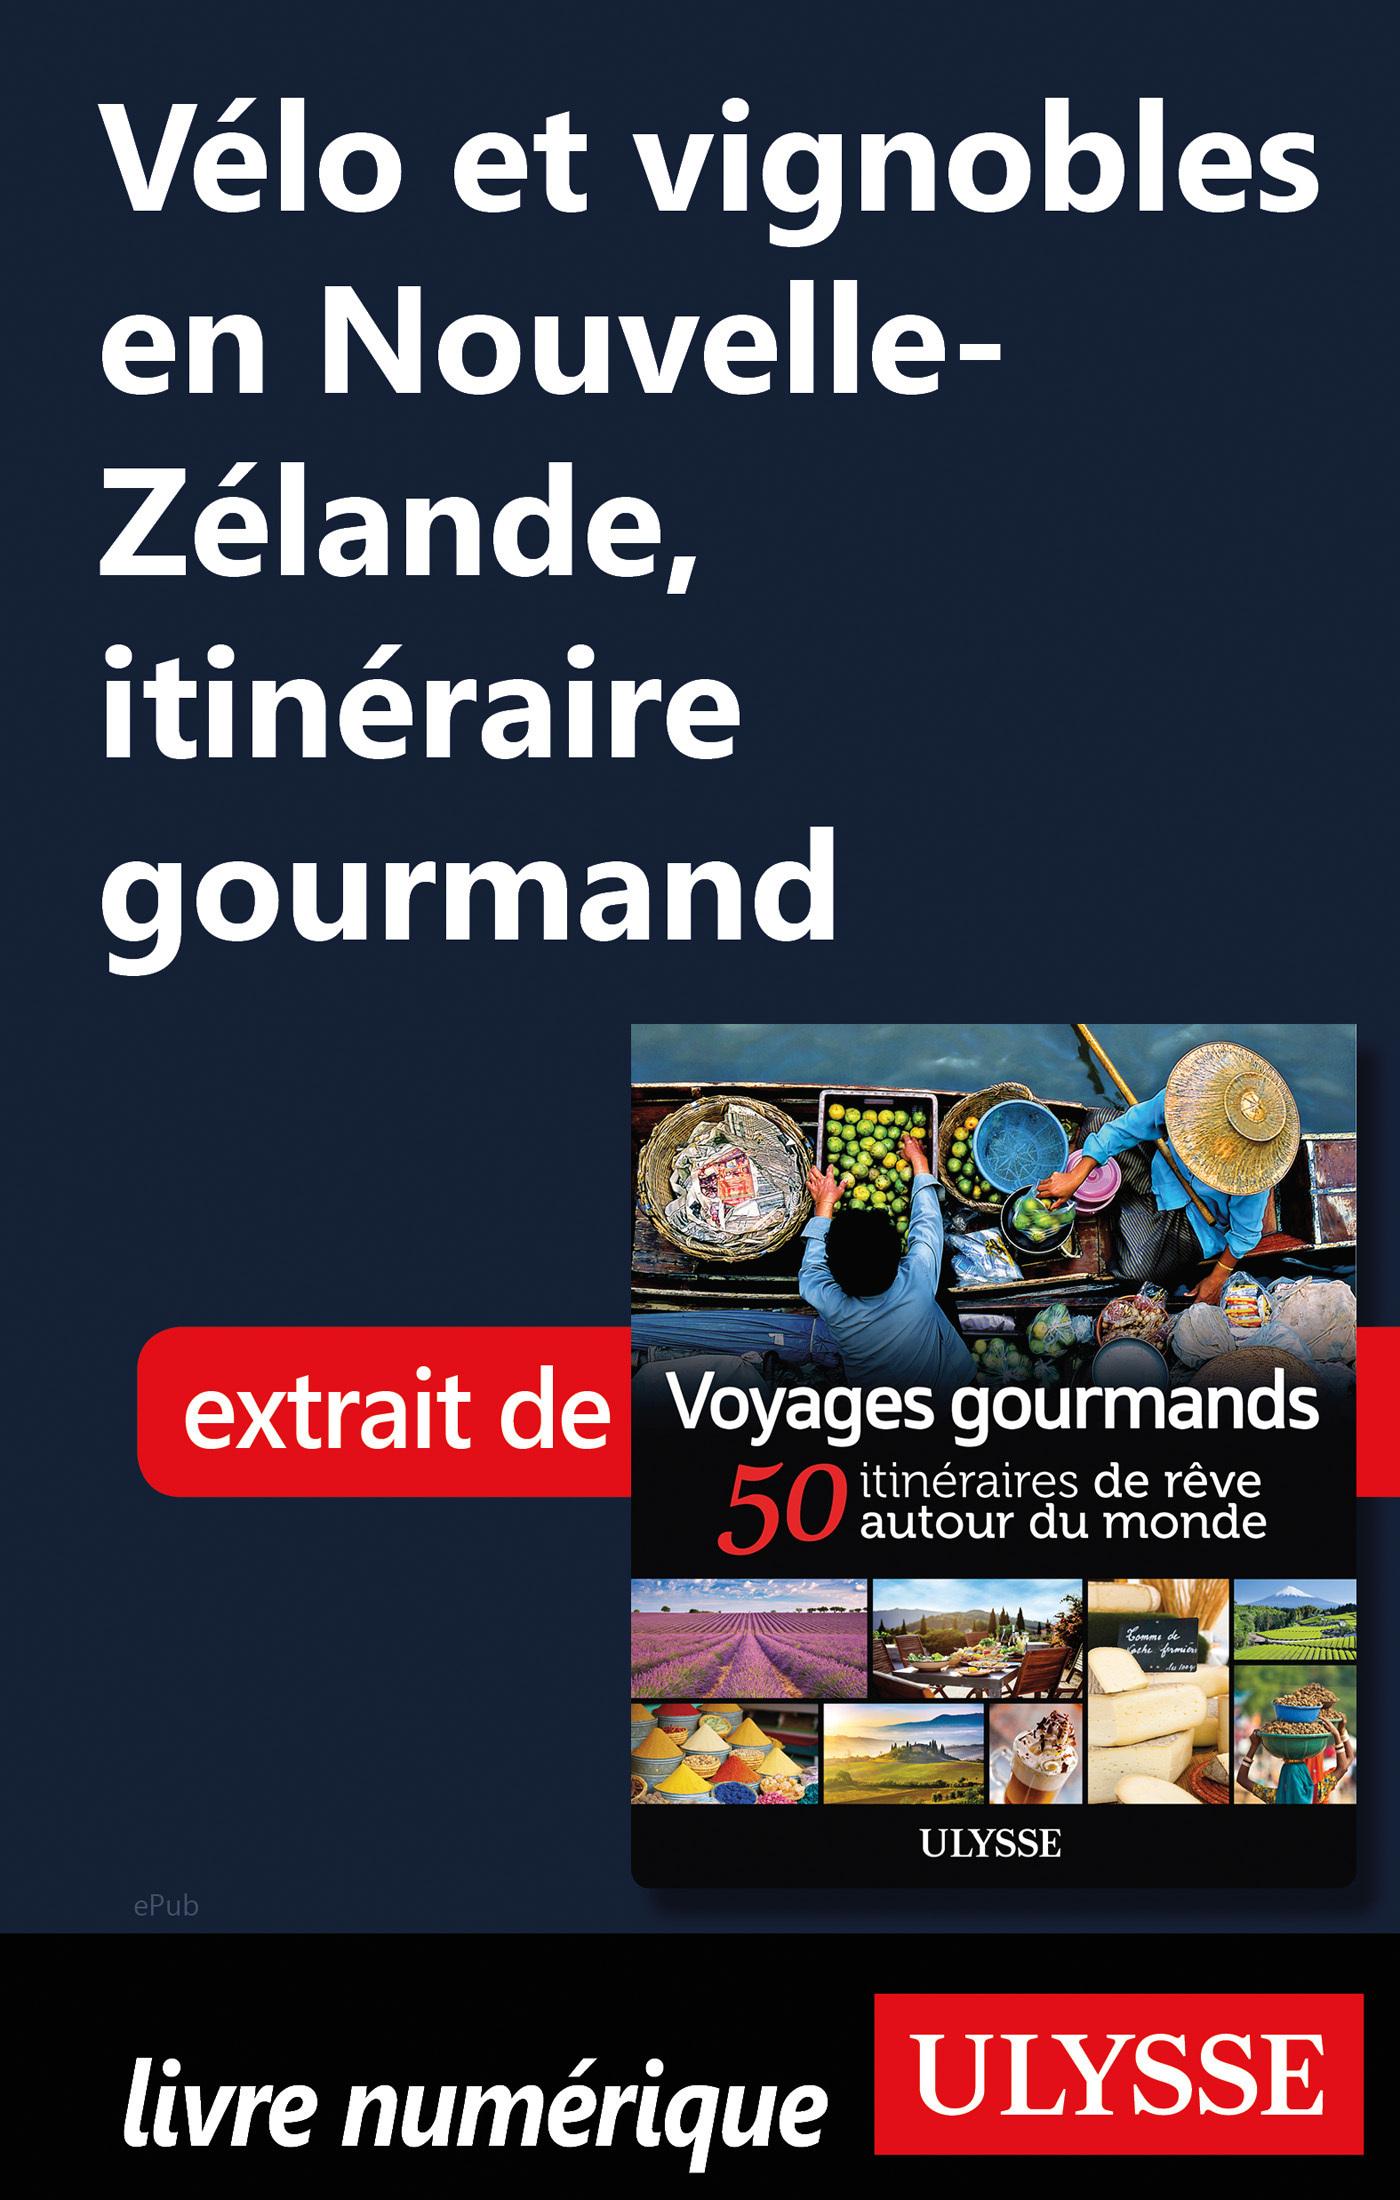 Vélo et vignobles en Nouvelle-Zélande, itinéraire gourmand